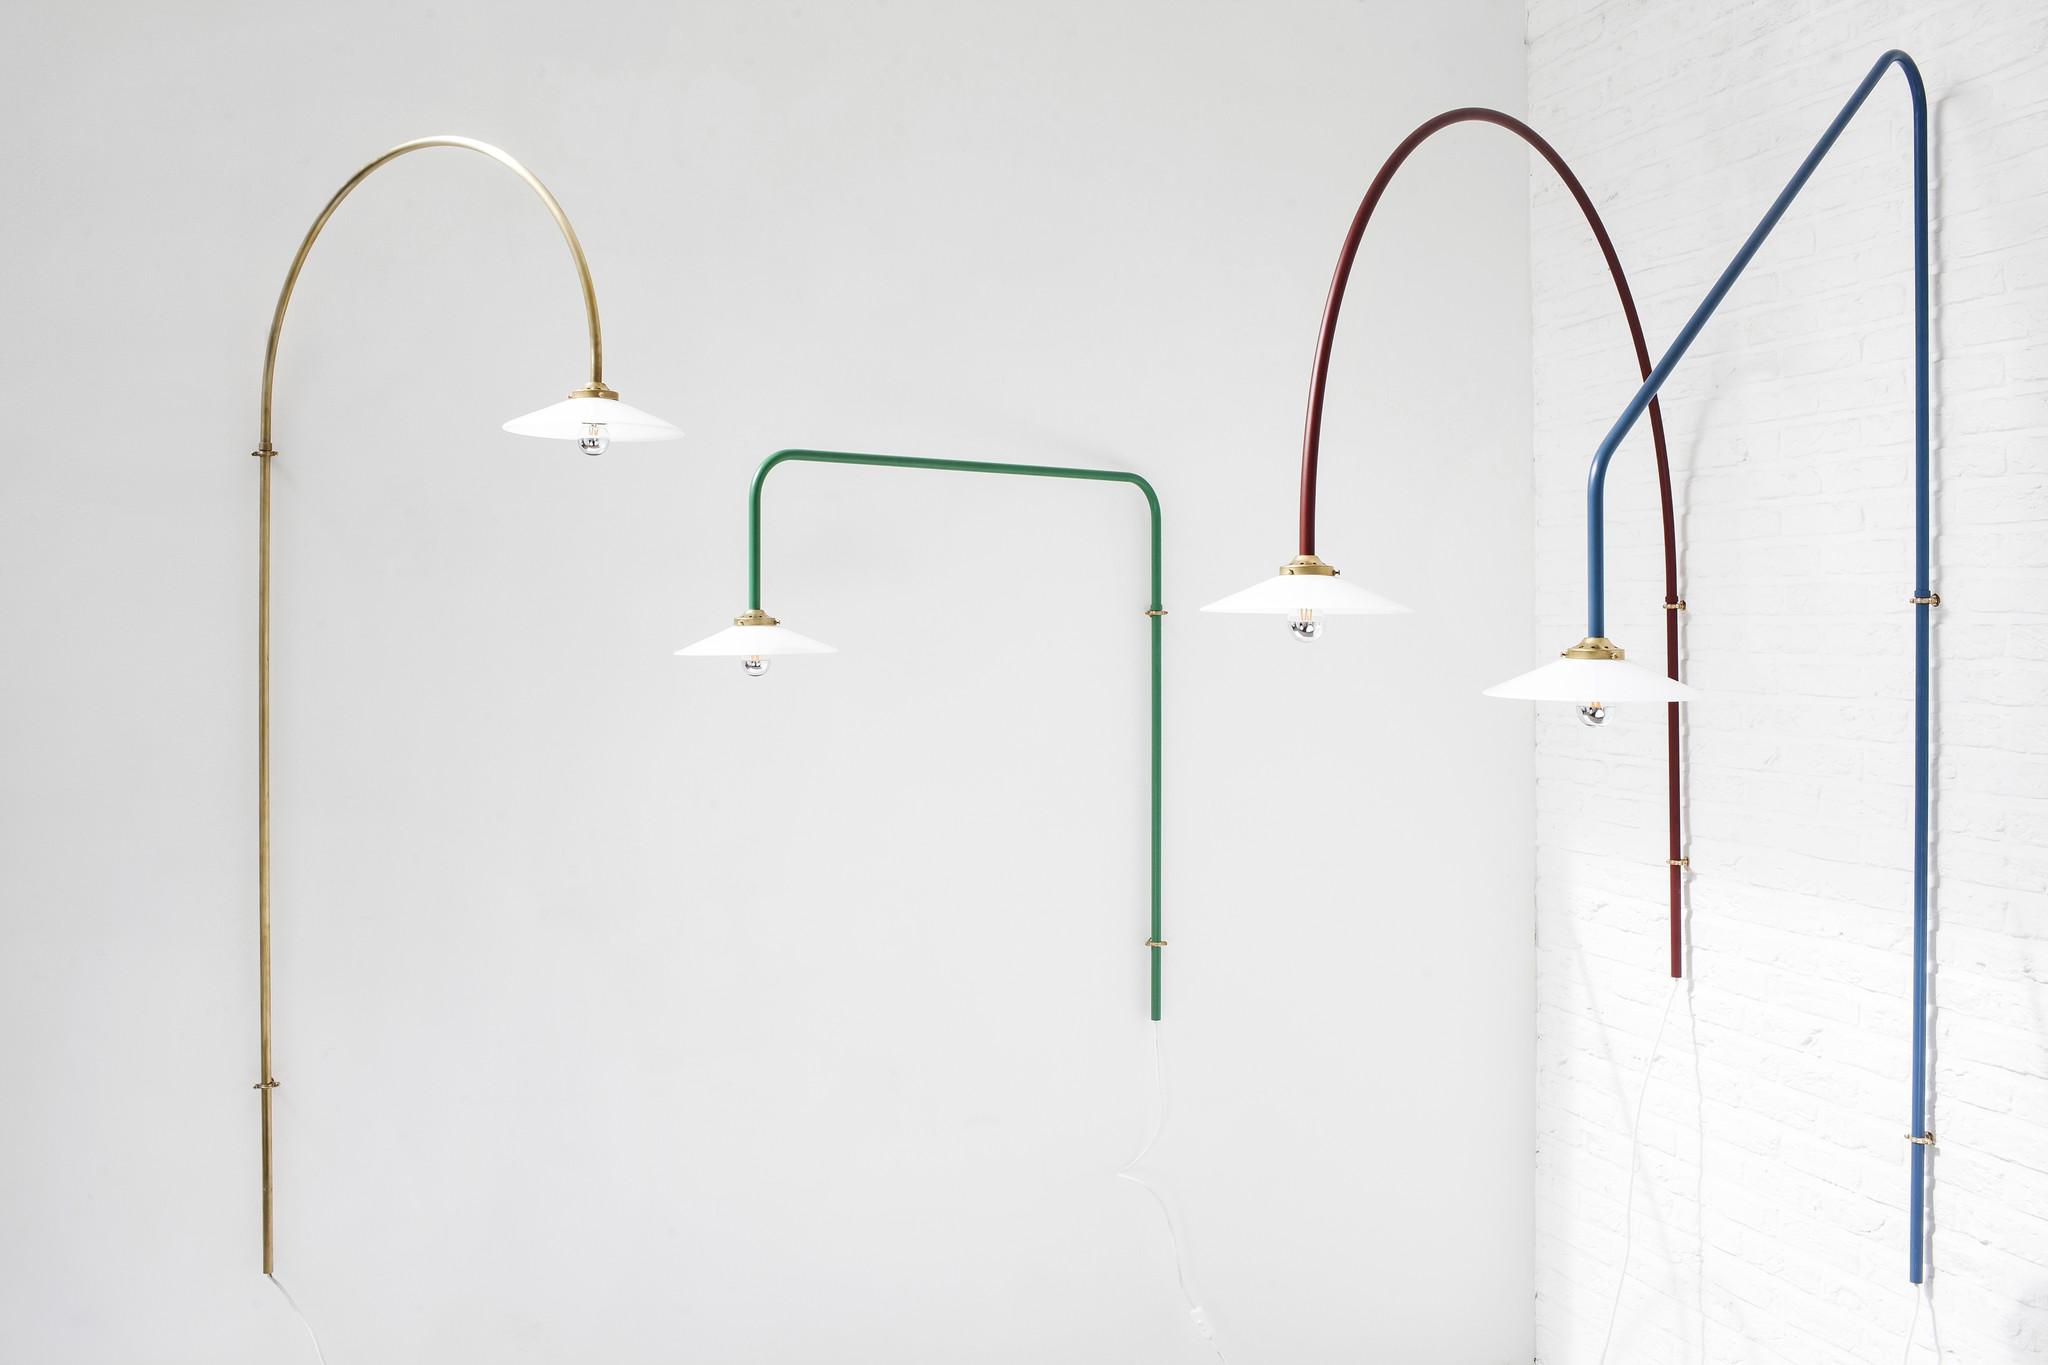 Hanging Lamp No. 2-6